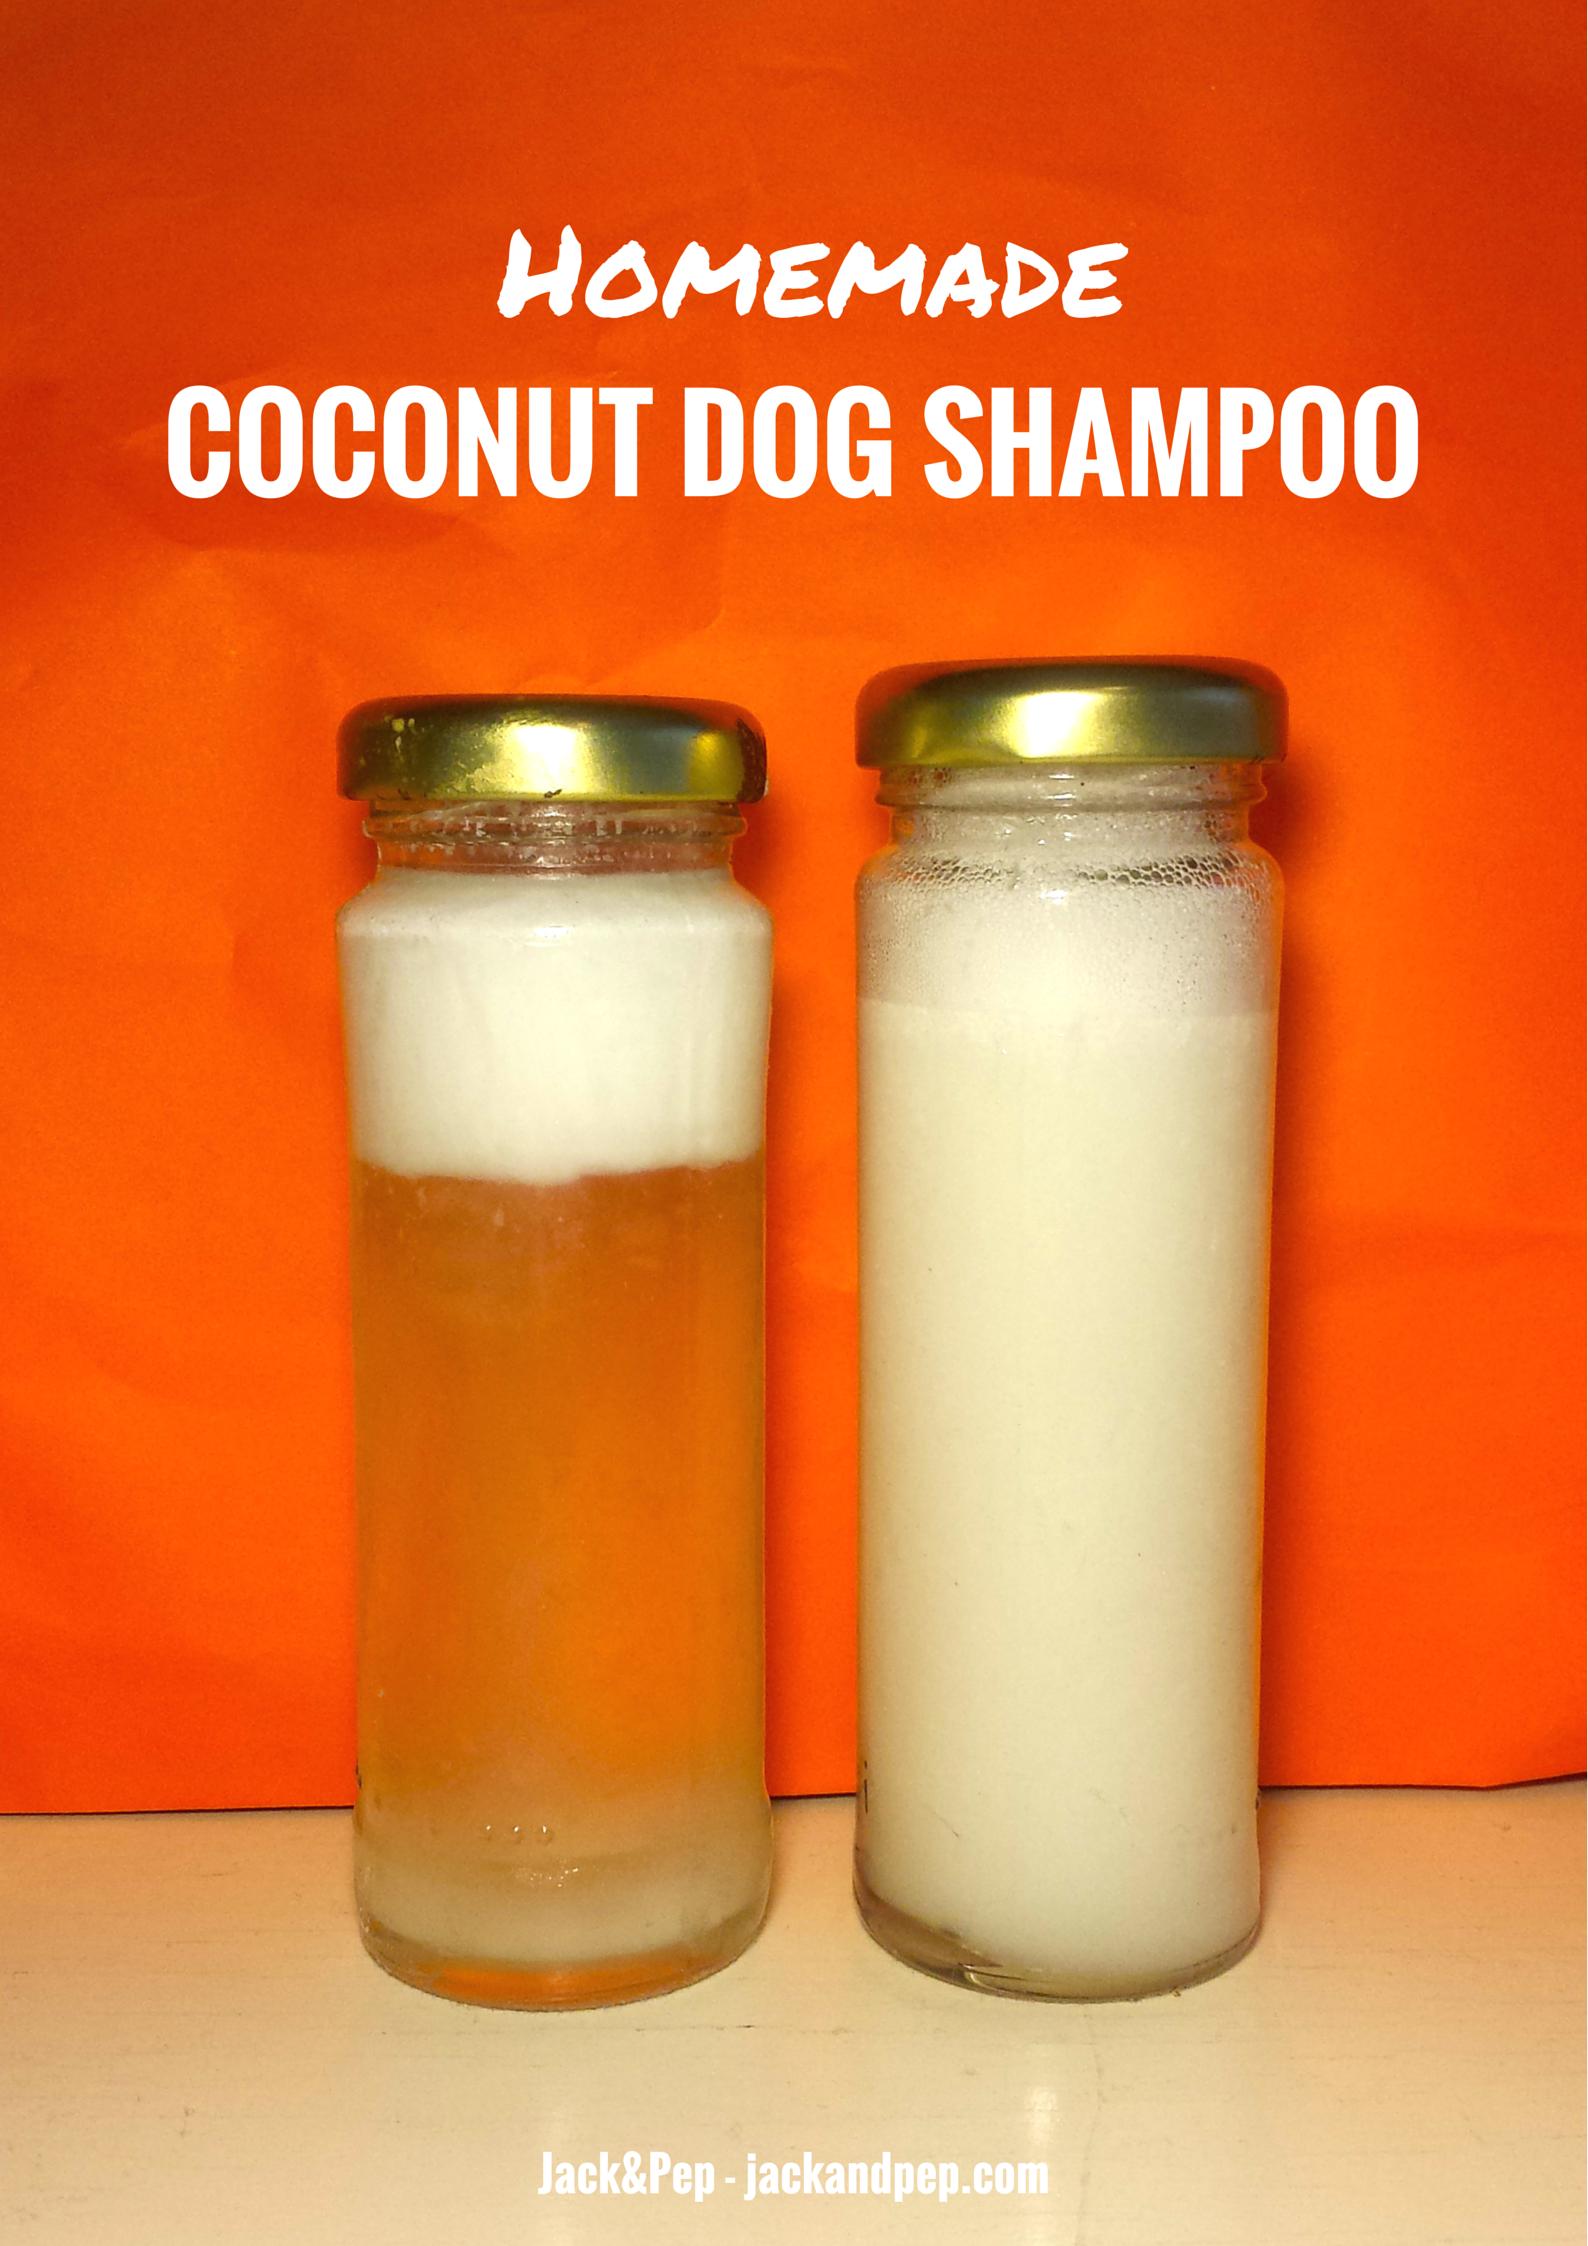 Homemade Coconut Oil Dog Shampoo Homemade dog shampoo